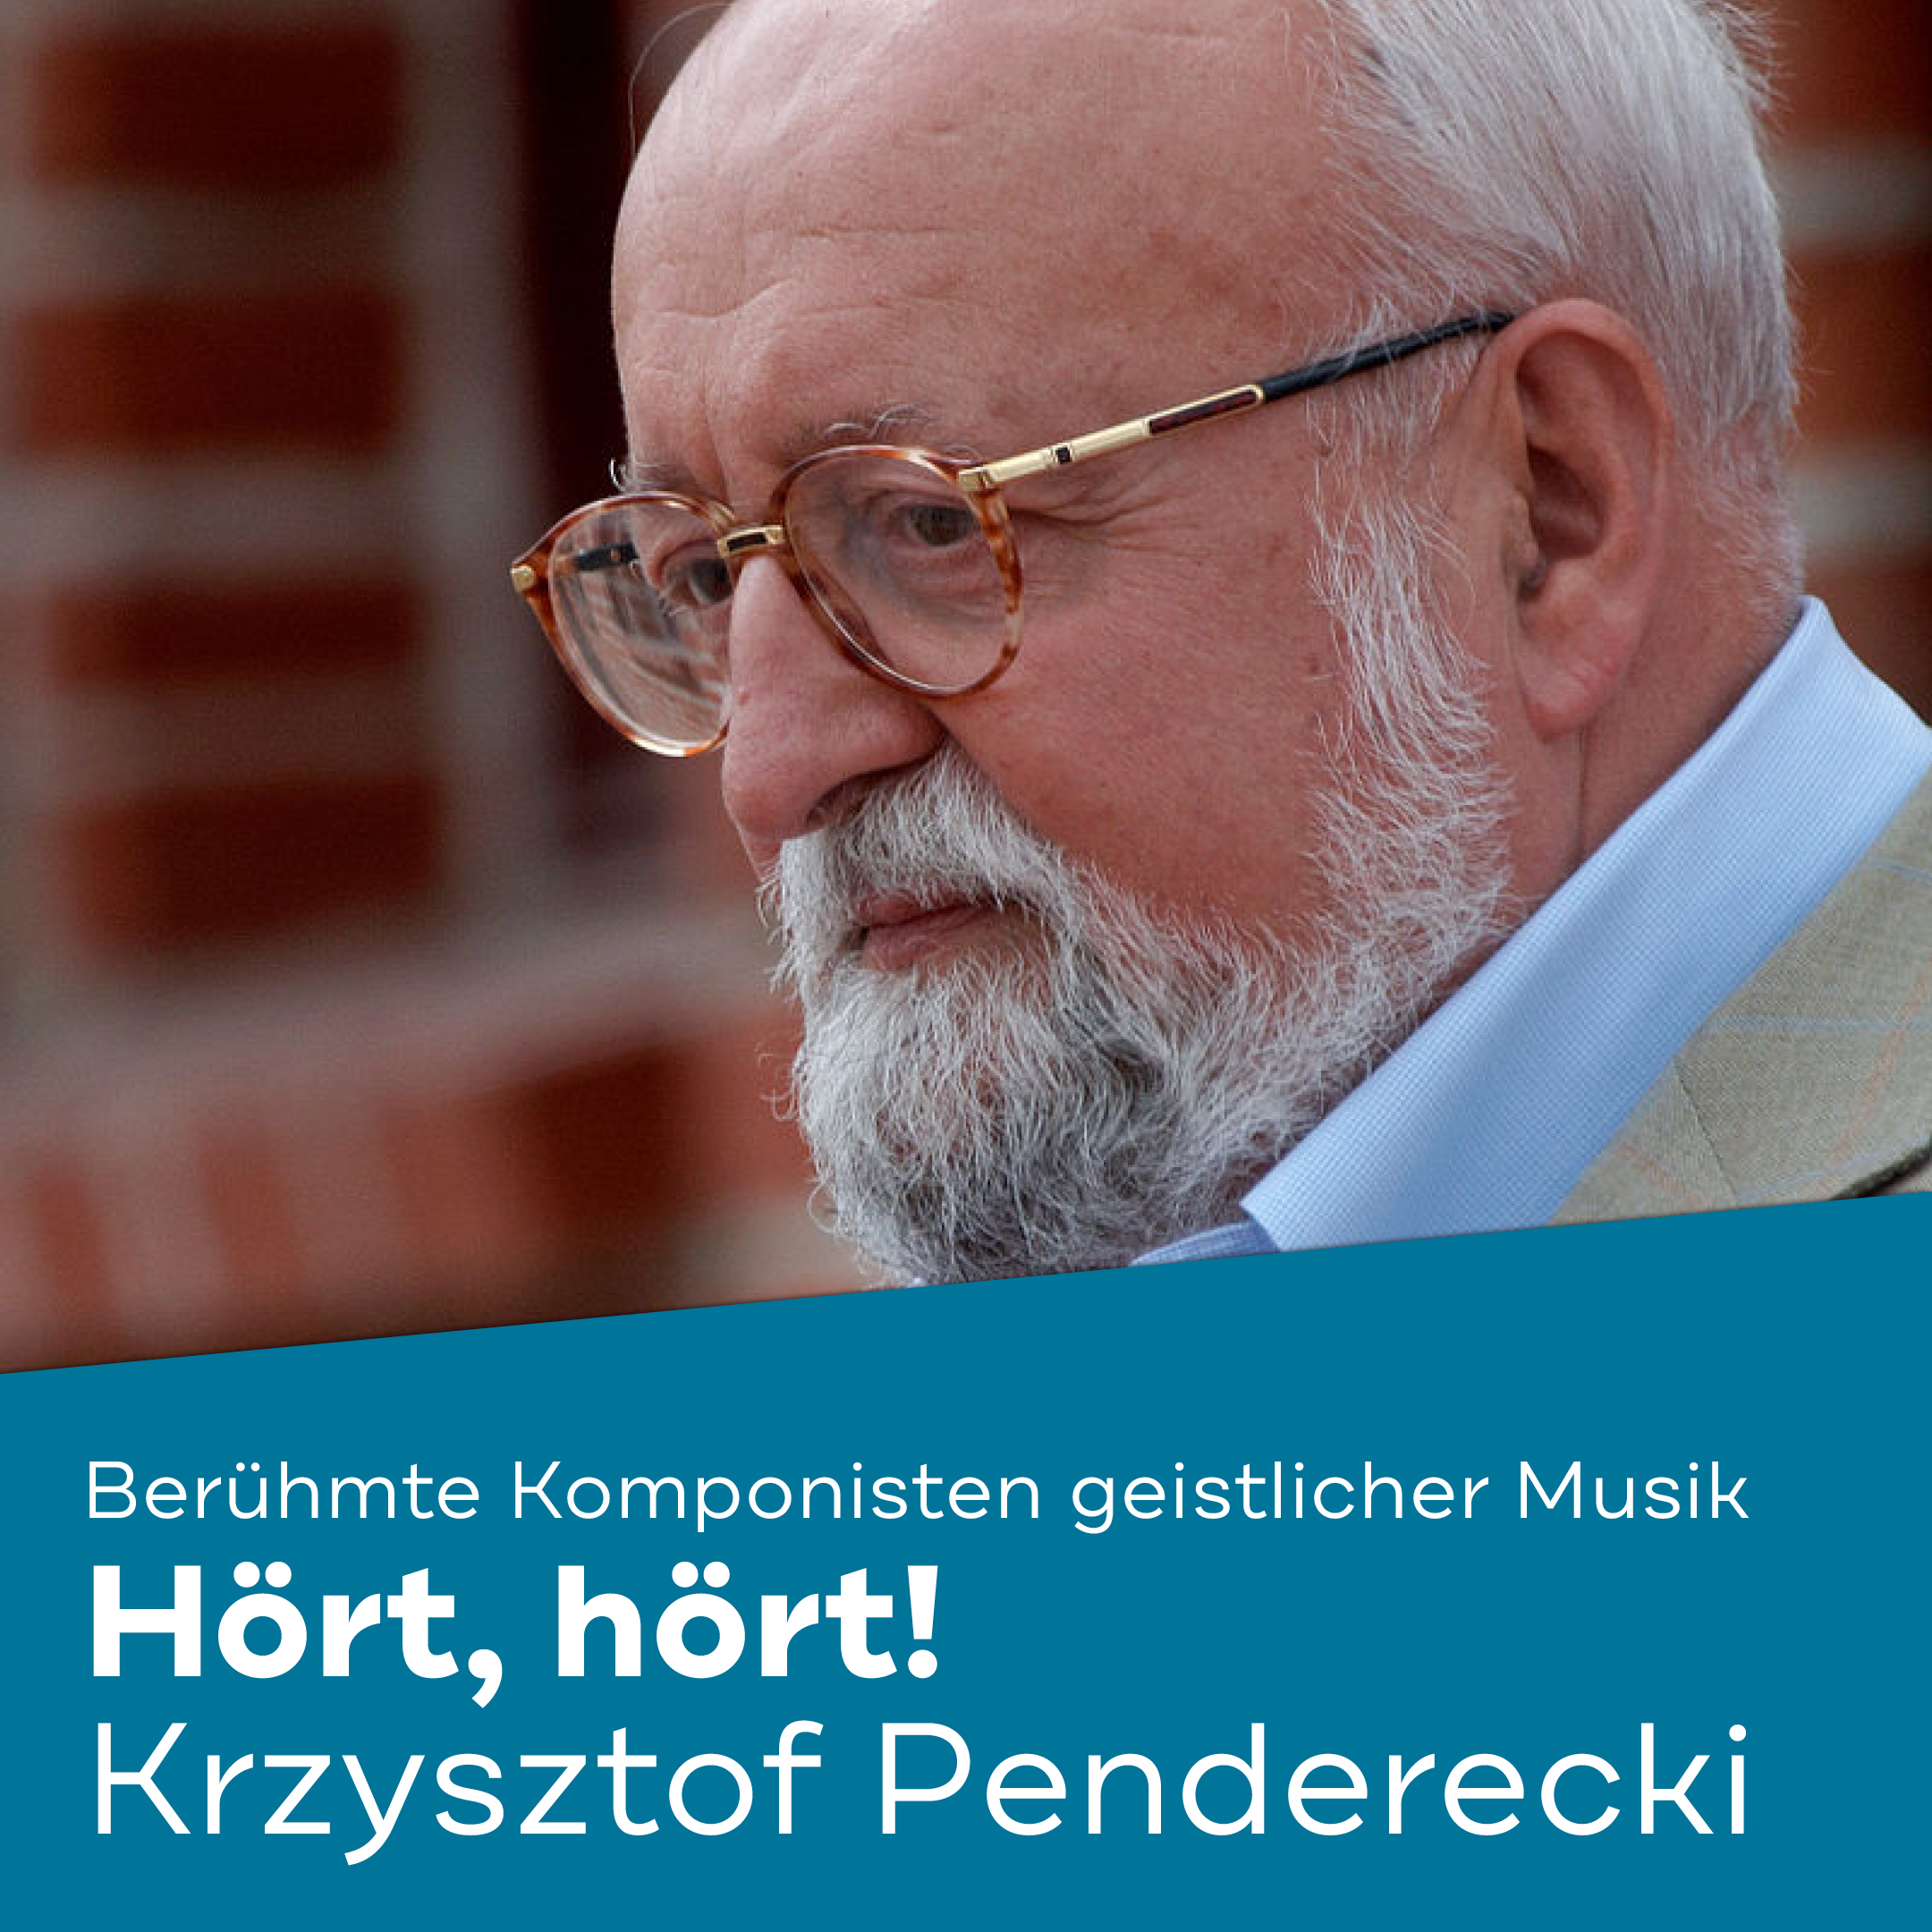 Hört, hört Penderecki